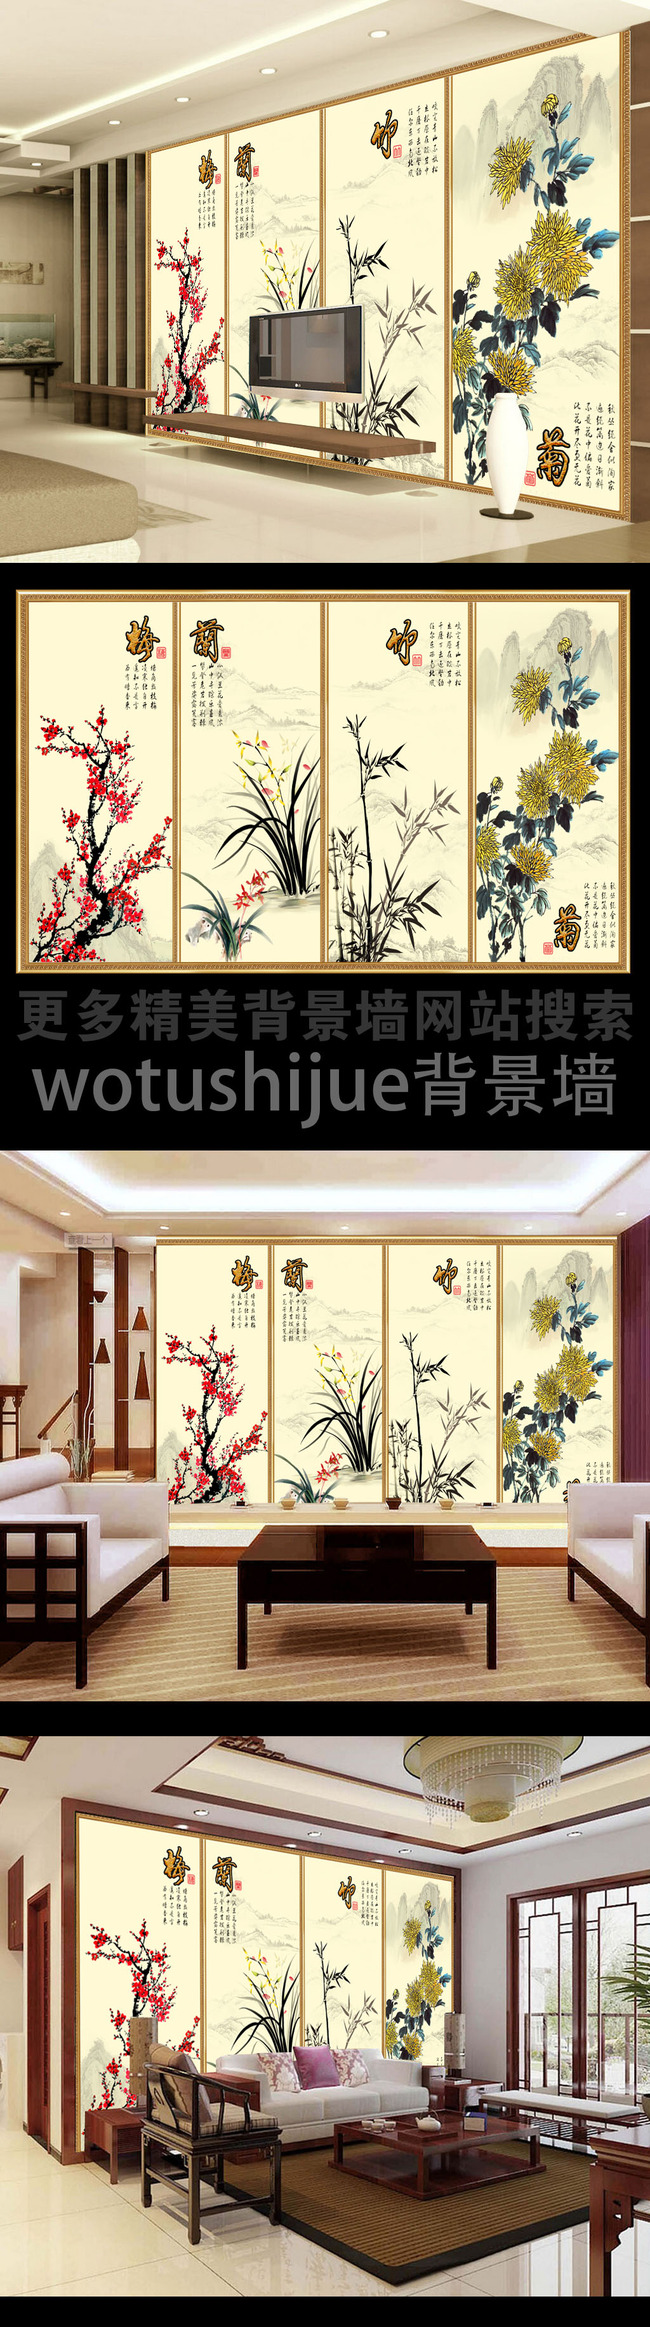 手绘梅兰竹菊中式电视背景墙高清图片下载(图片编号)